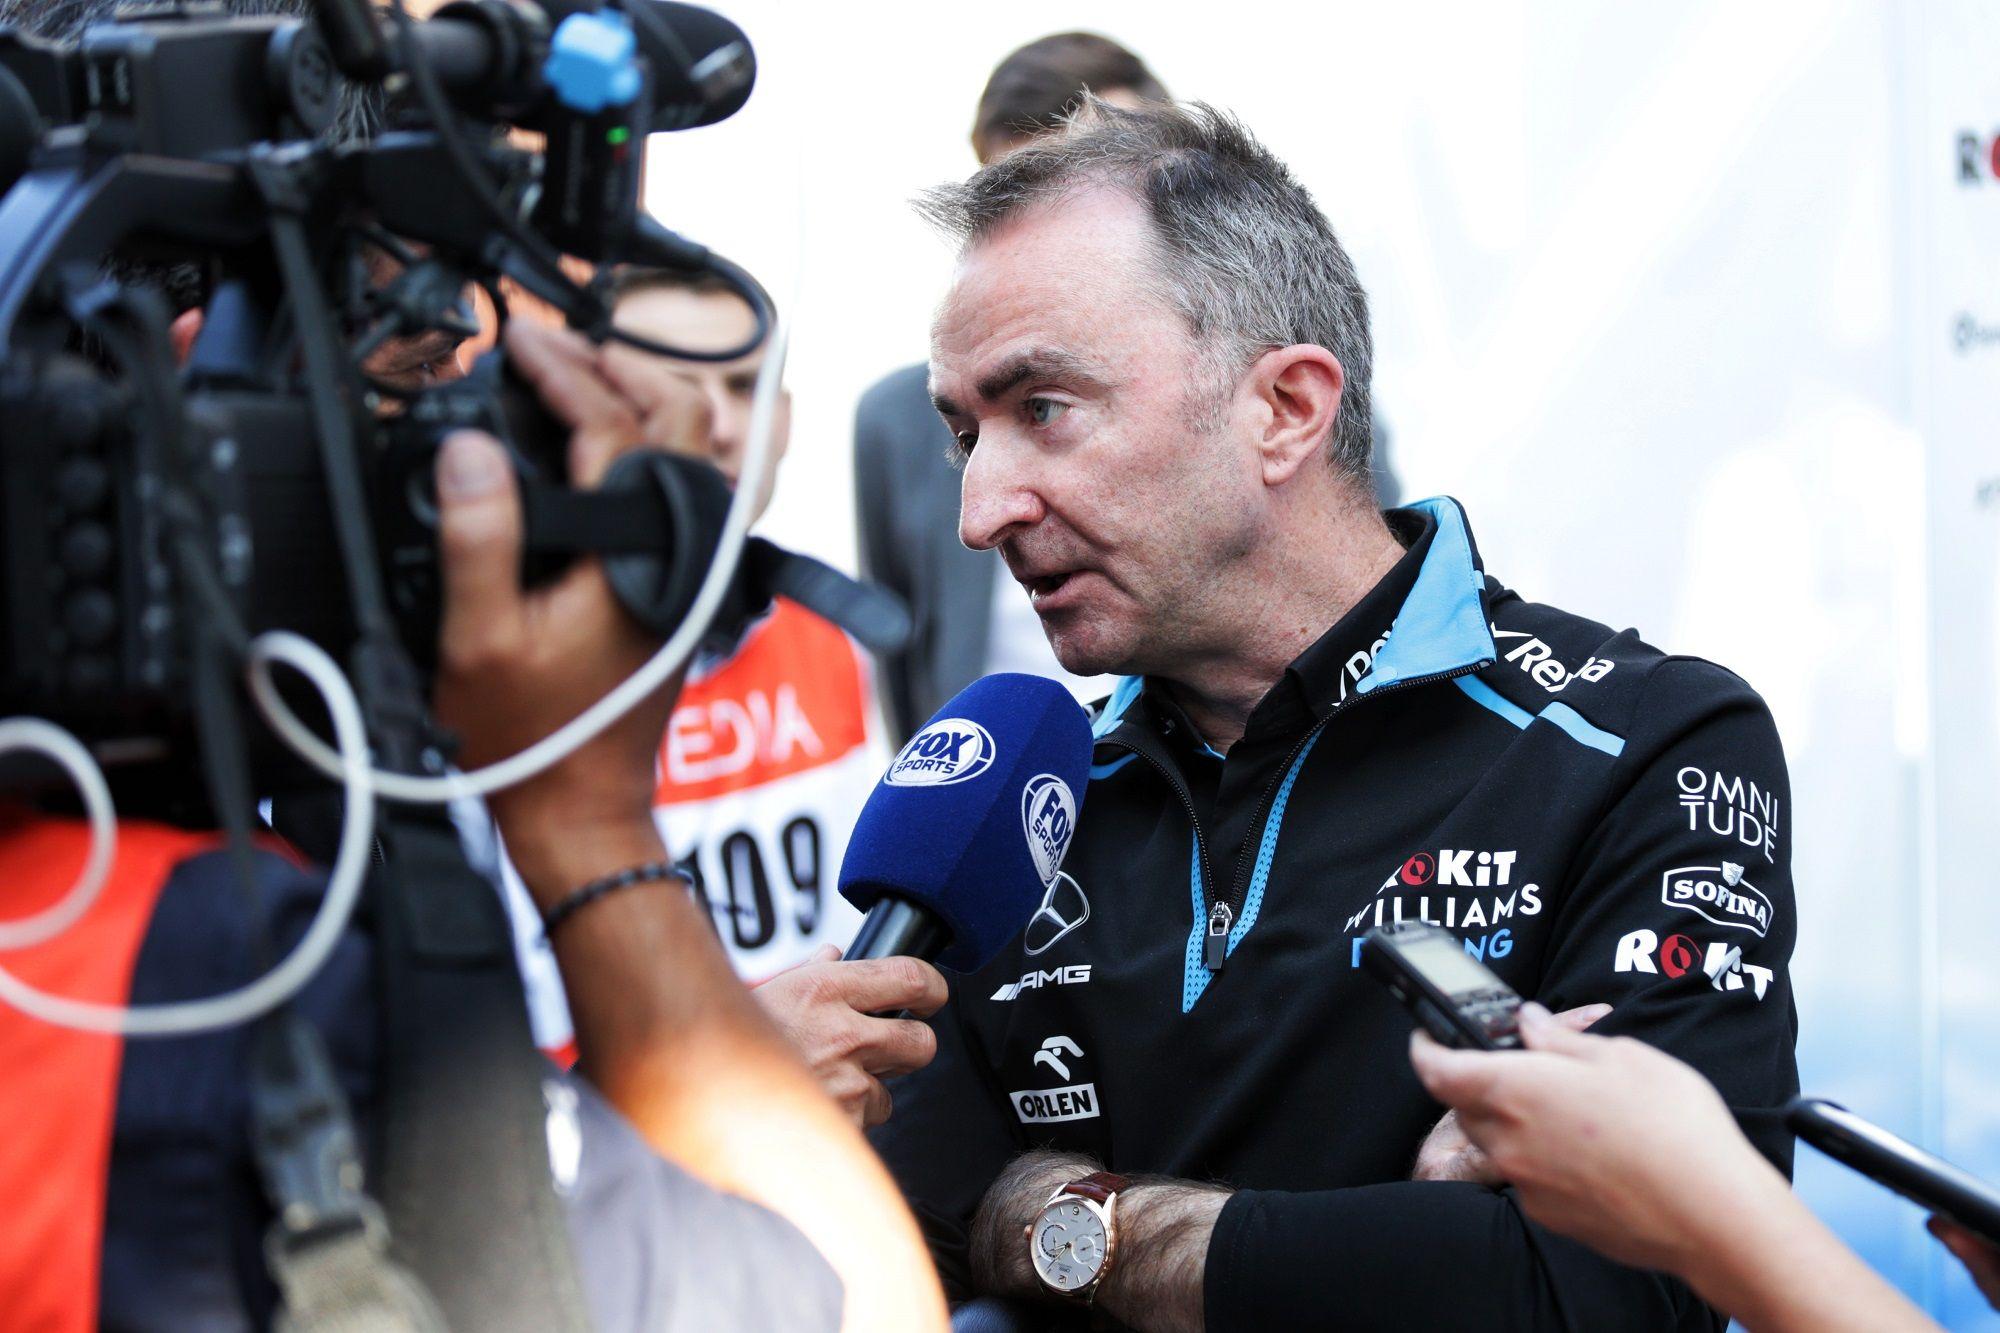 Paddy Lowe, F1